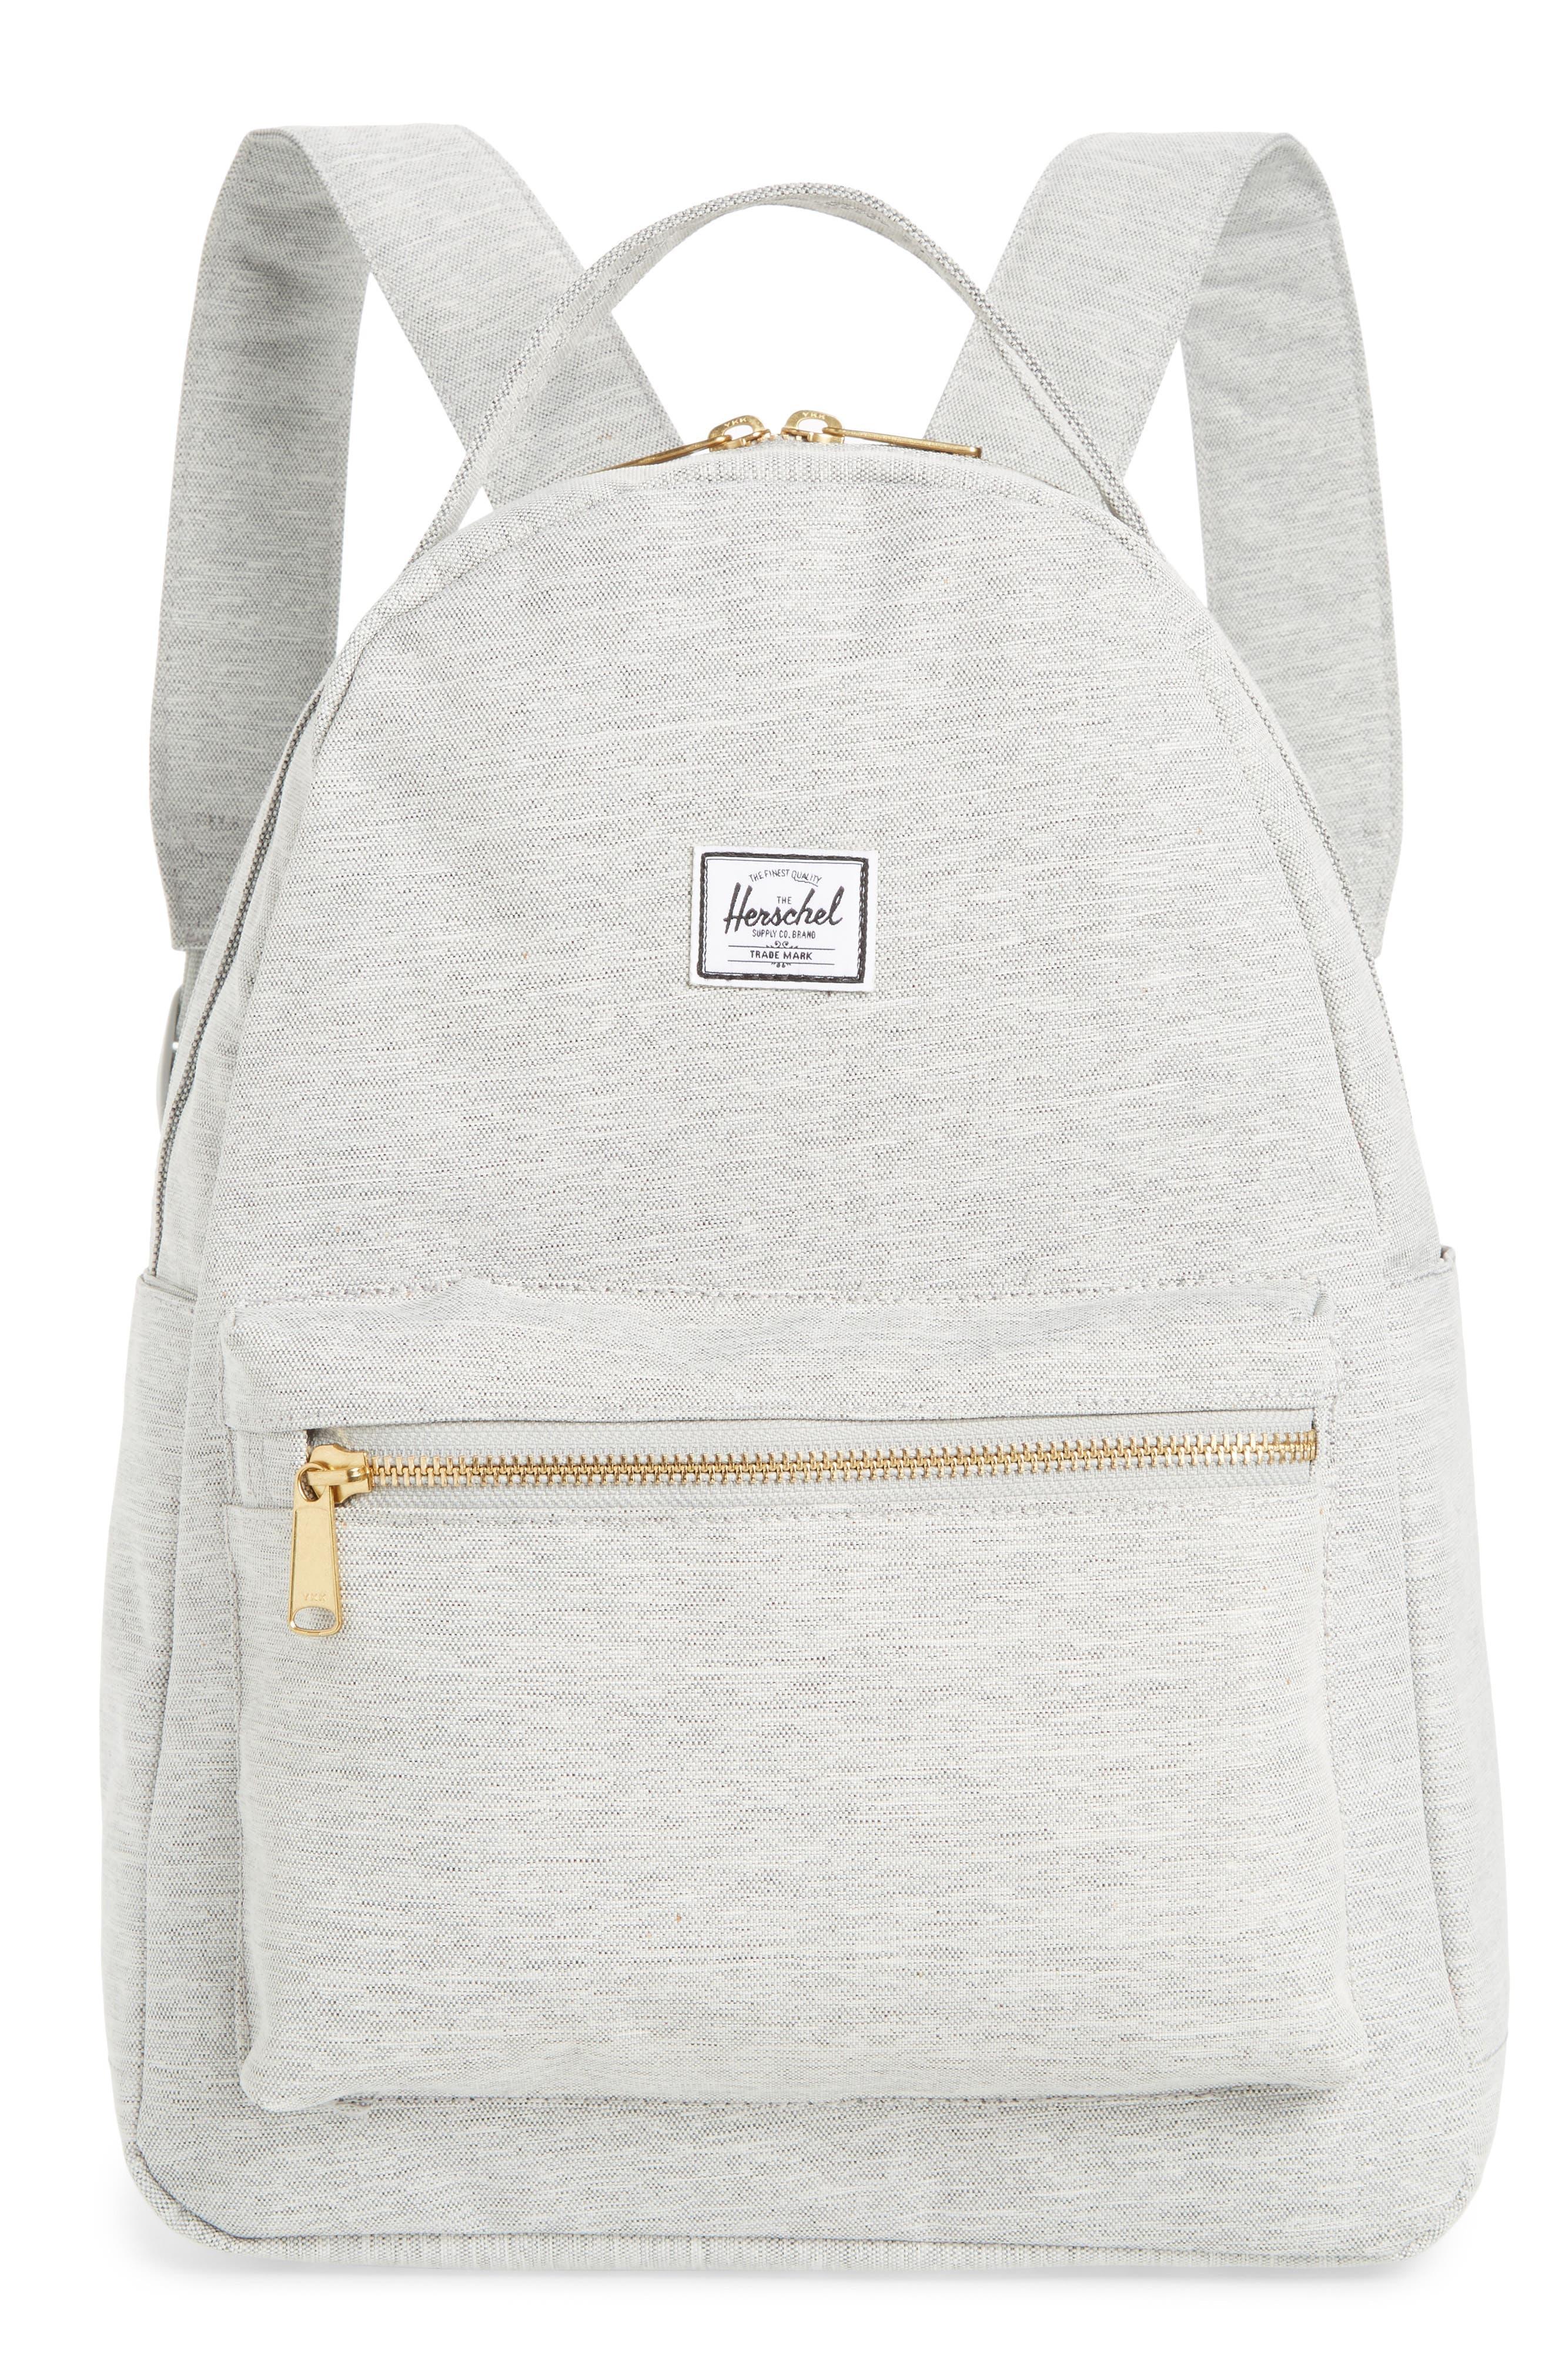 HERSCHEL SUPPLY CO. Nova Mid Volume Backpack - Grey in Light Grey Crosshatch